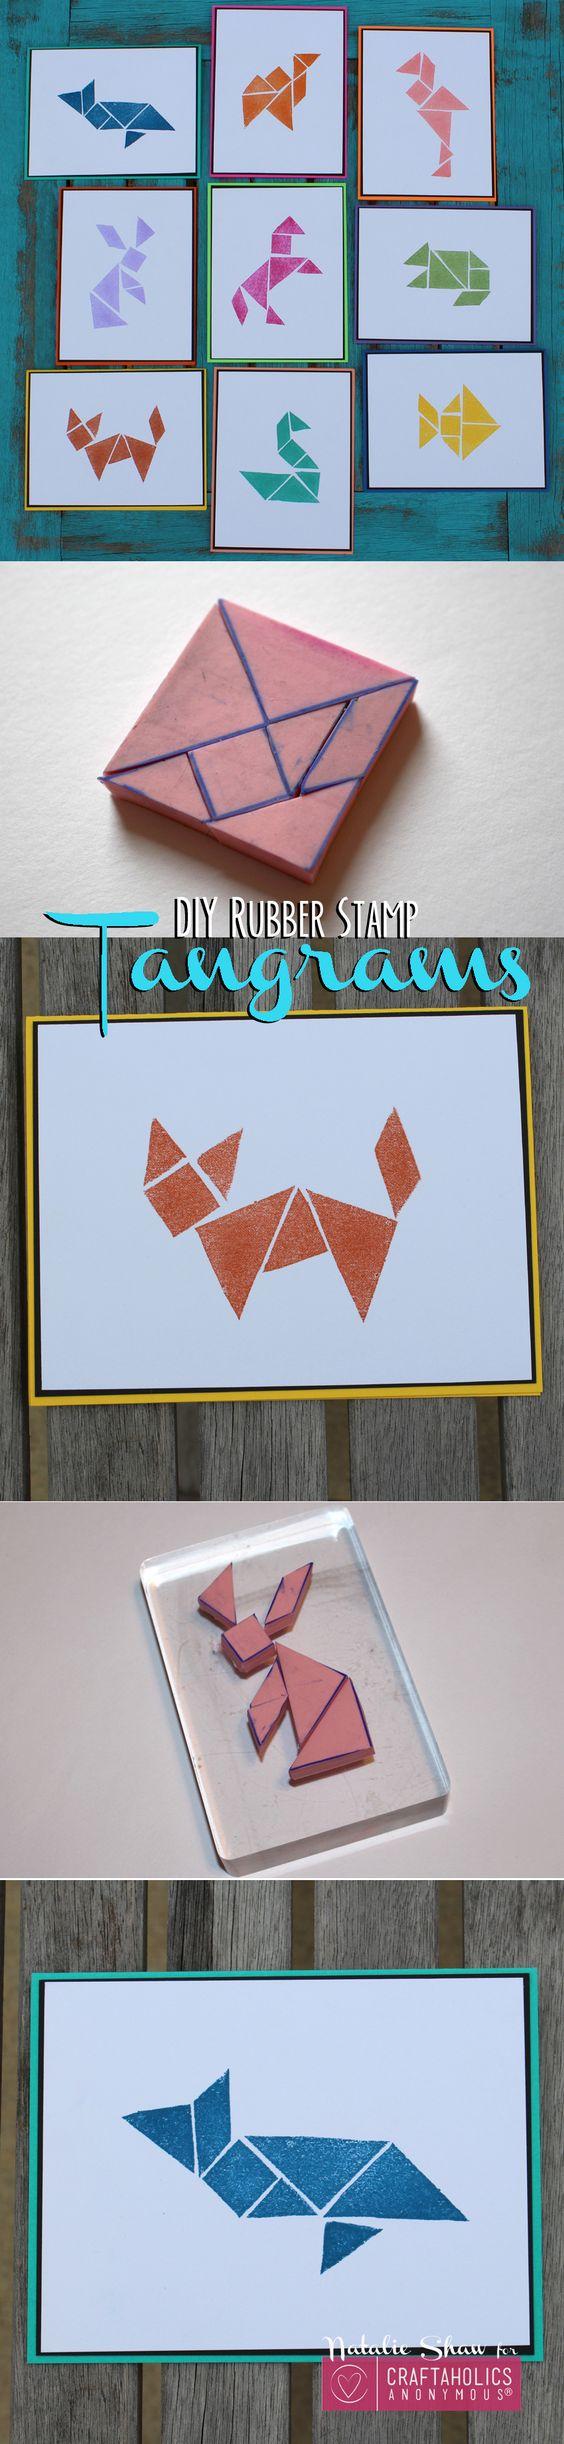 EL TANGRAM: Es un juego de origen chino que consta de 7 elementos (entre ellos triángulos, cuadrados y paralelogramo) que unidos forman un cuadrado. Sirve para construir distintas figuritas como por ejemplo animales a partir de figuras geométricas iniciales.: